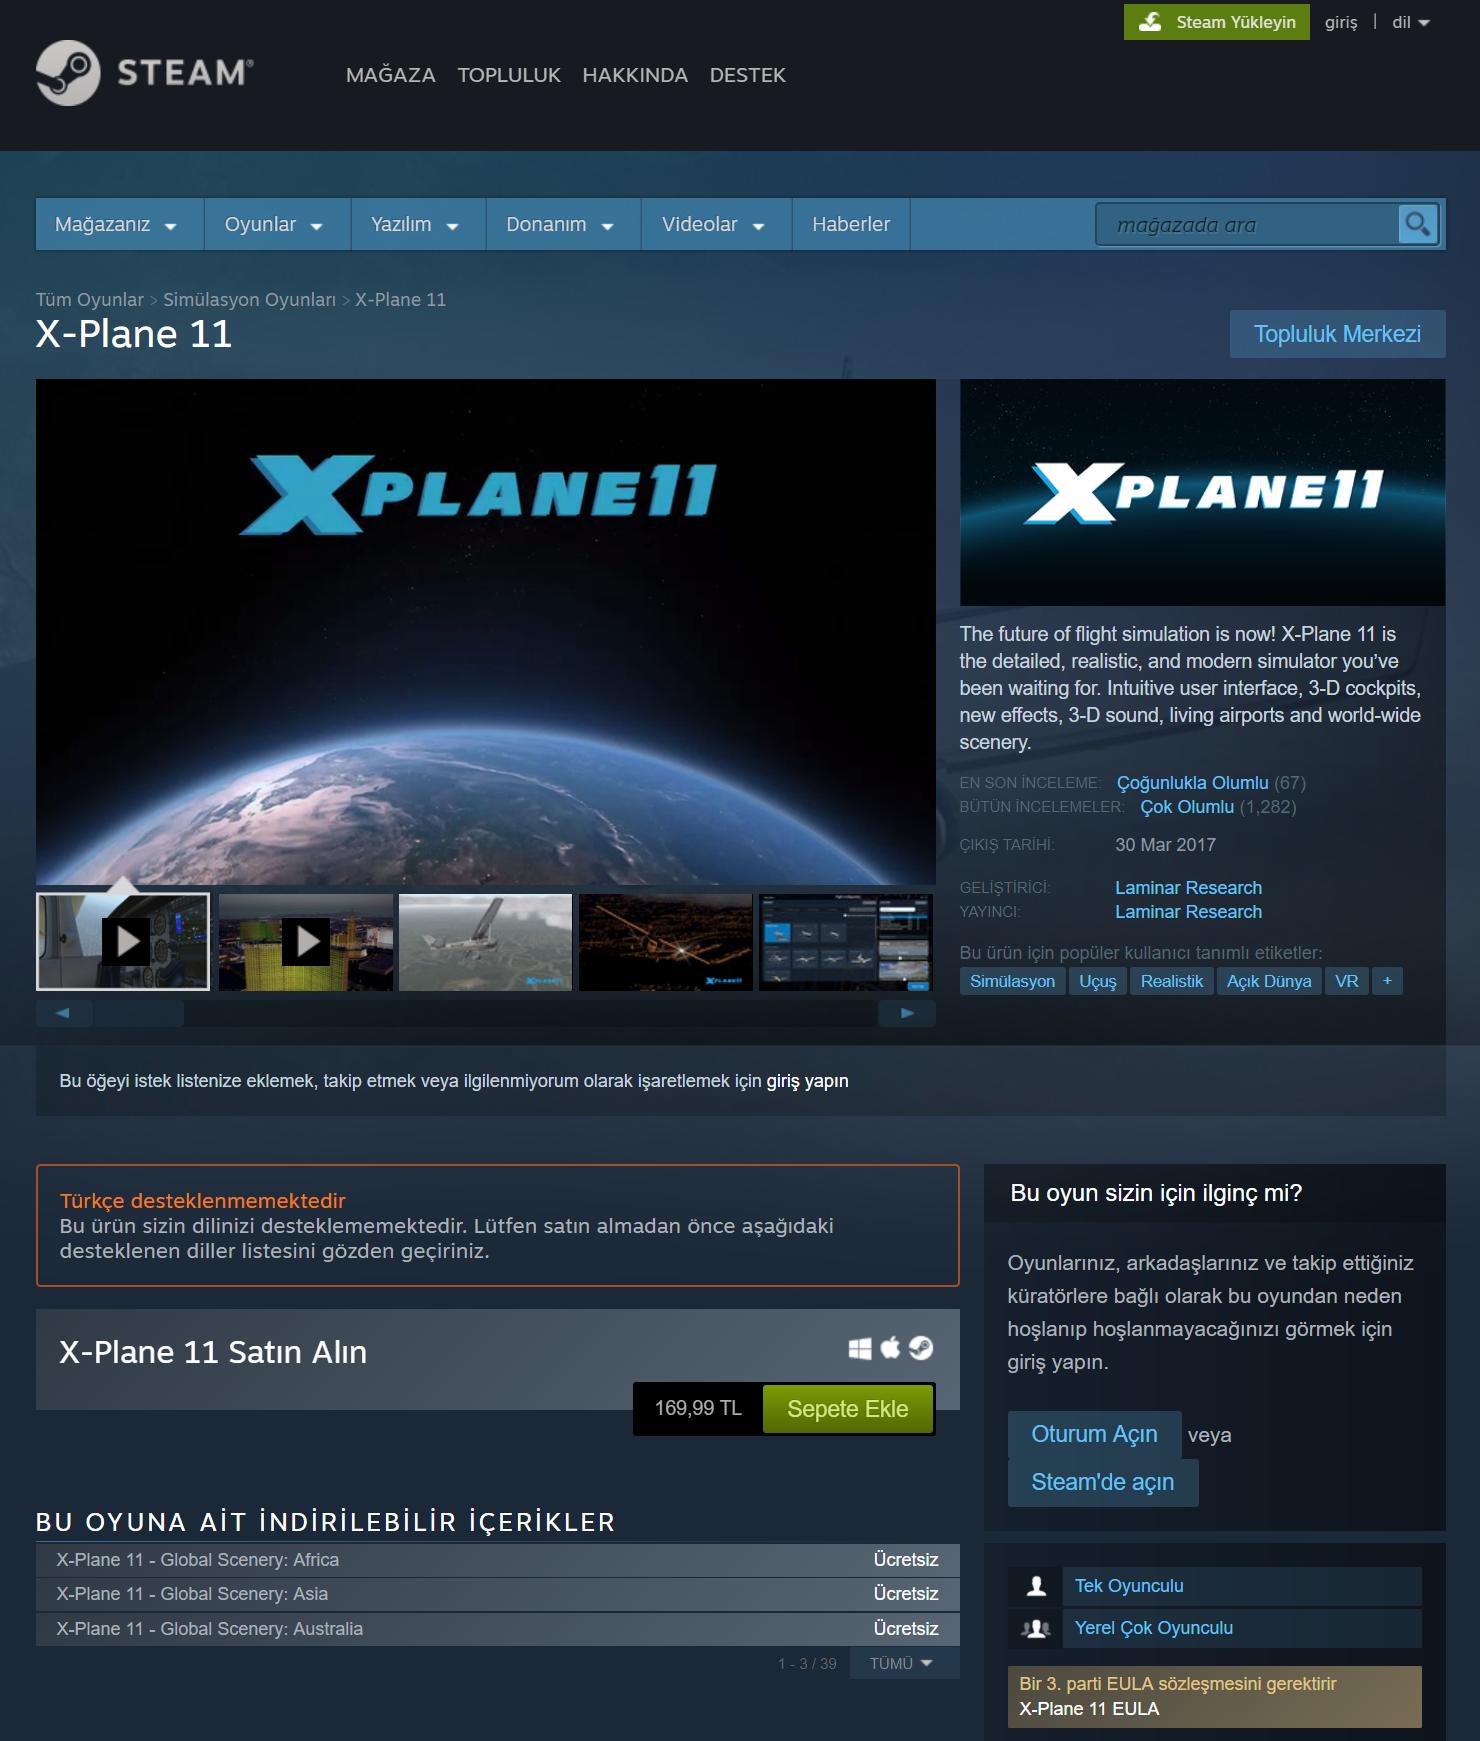 X-Plane 11 Kurulum ve Eklentiler (Rehber) -   ::F1R4T::   | Fırat